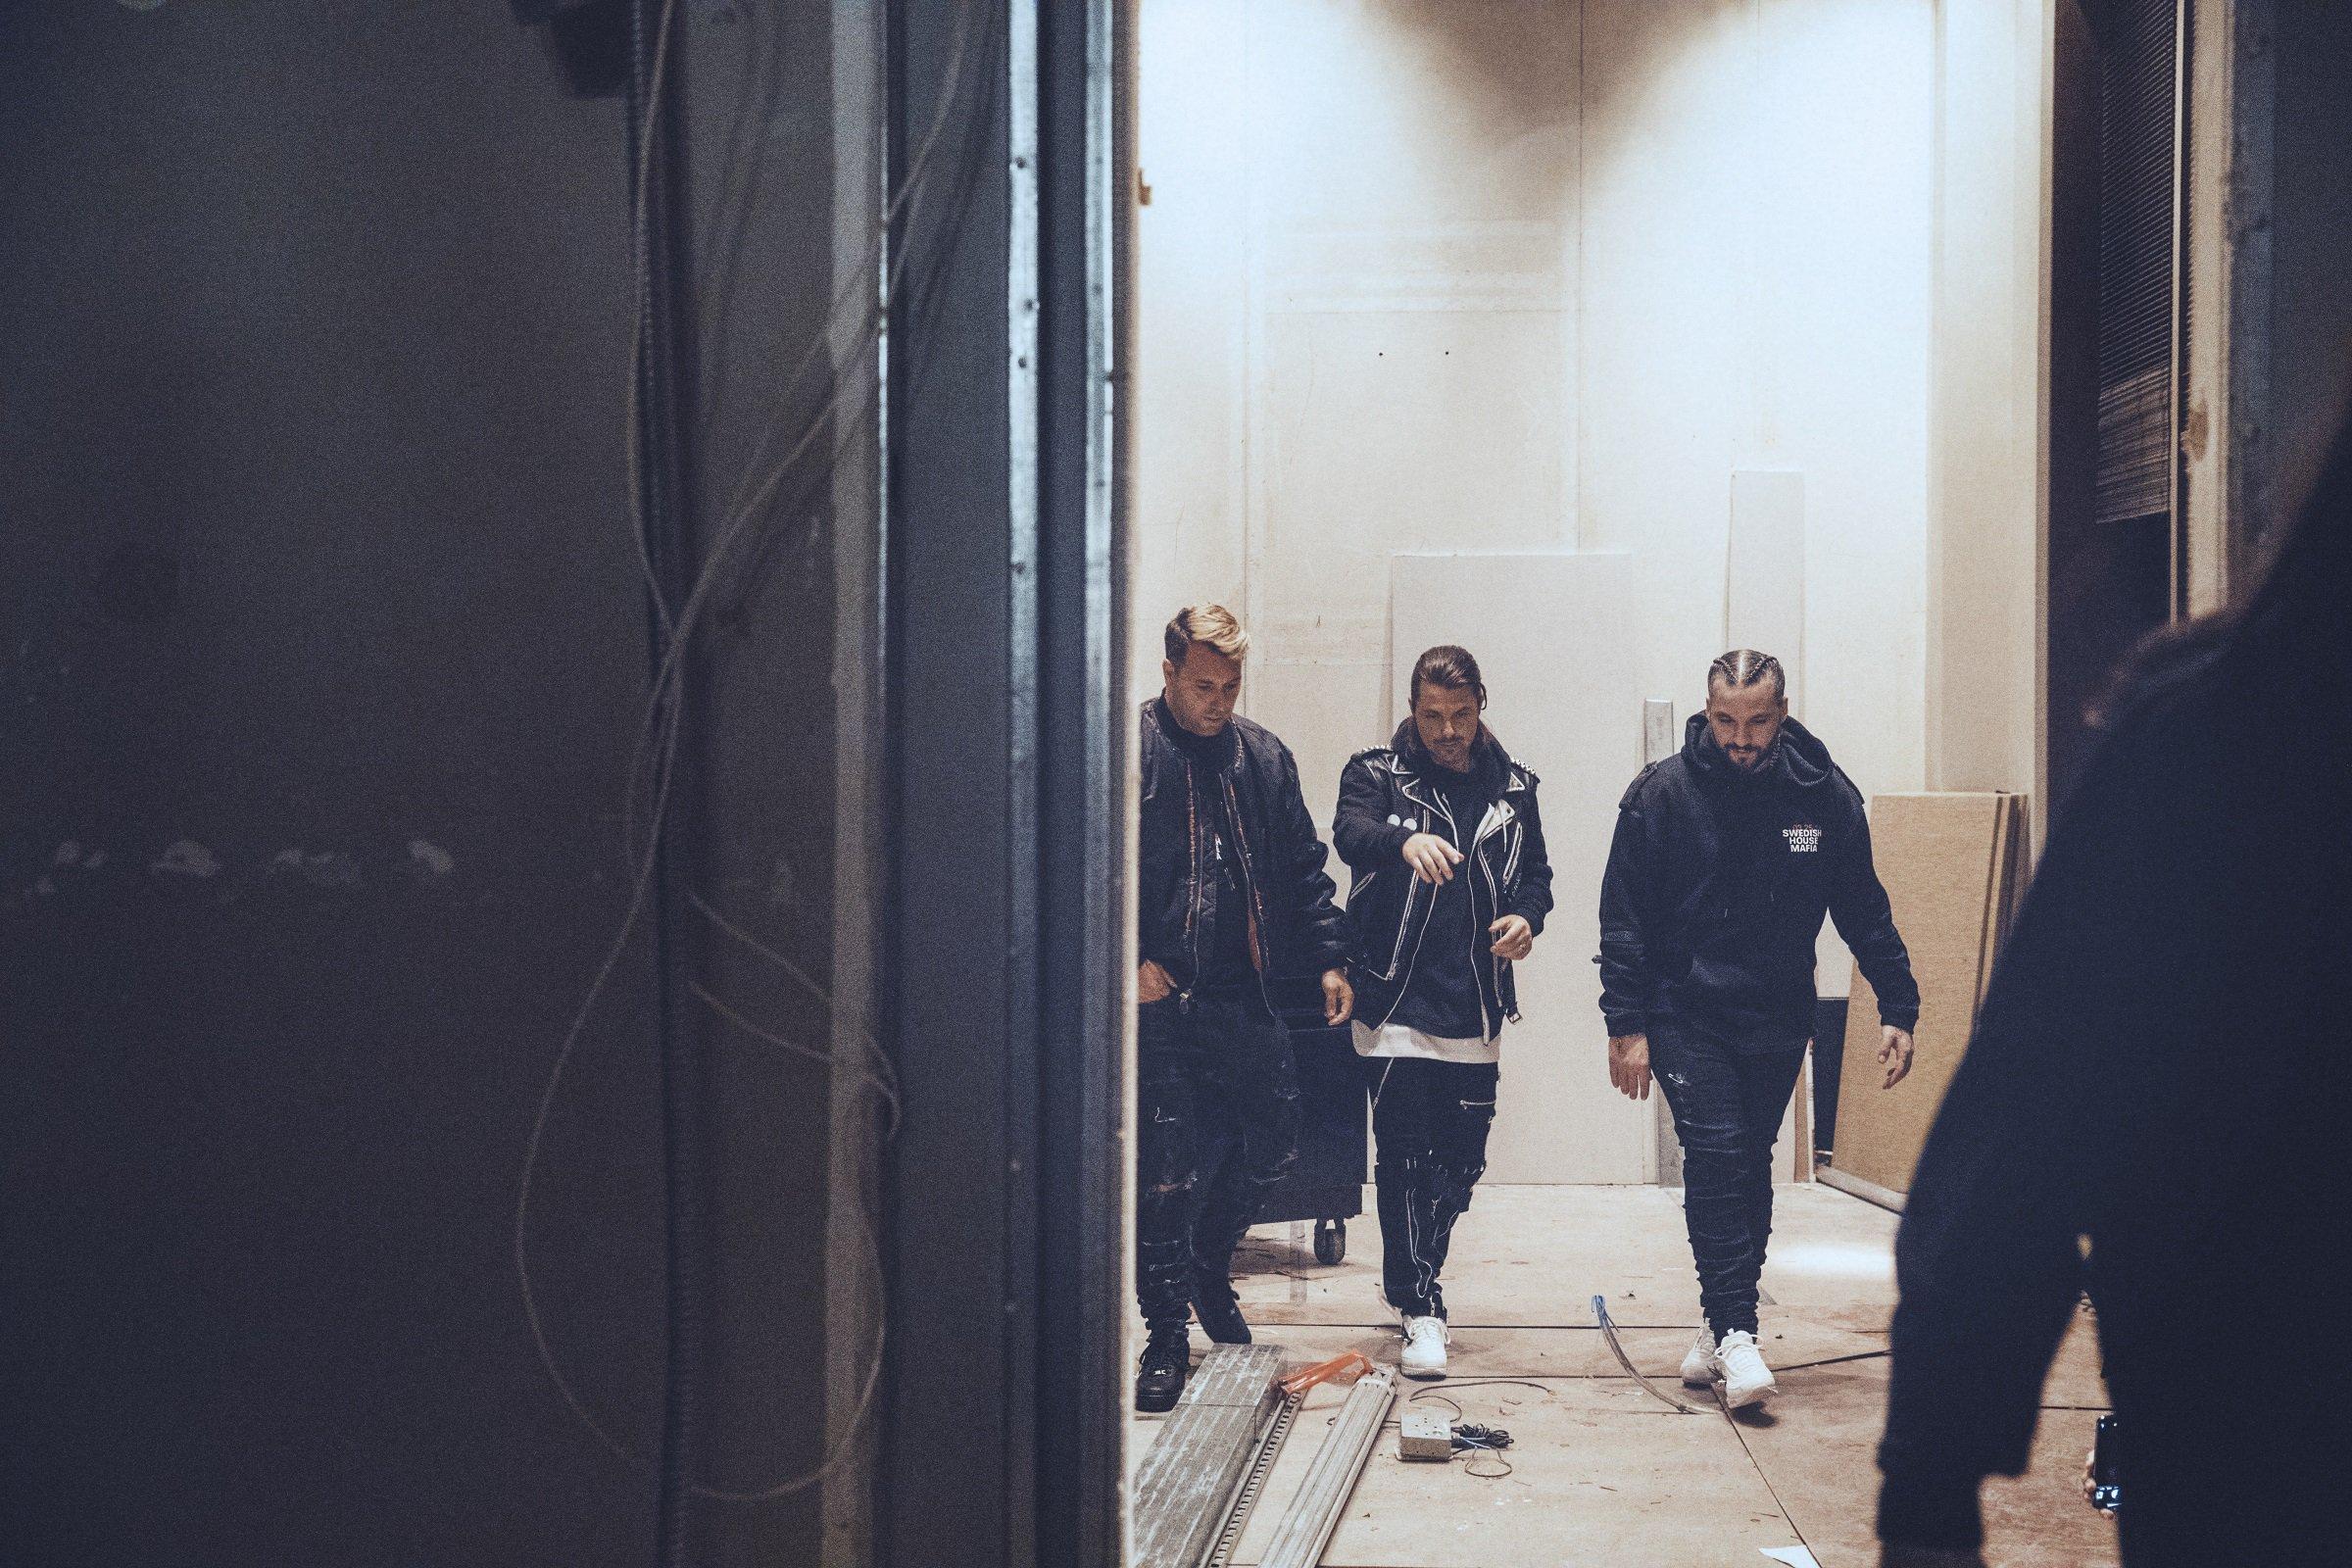 Шведский диджейский коллектив Swedish House Mafia теперь официально подтвердили свое объединение. Трио, состоящее из Axwell, Себастьяна Ингроссо и Стива Анжелло, отыграло сет на фестивале Ultra Music, который прошел в Майями в минувшие выходные.